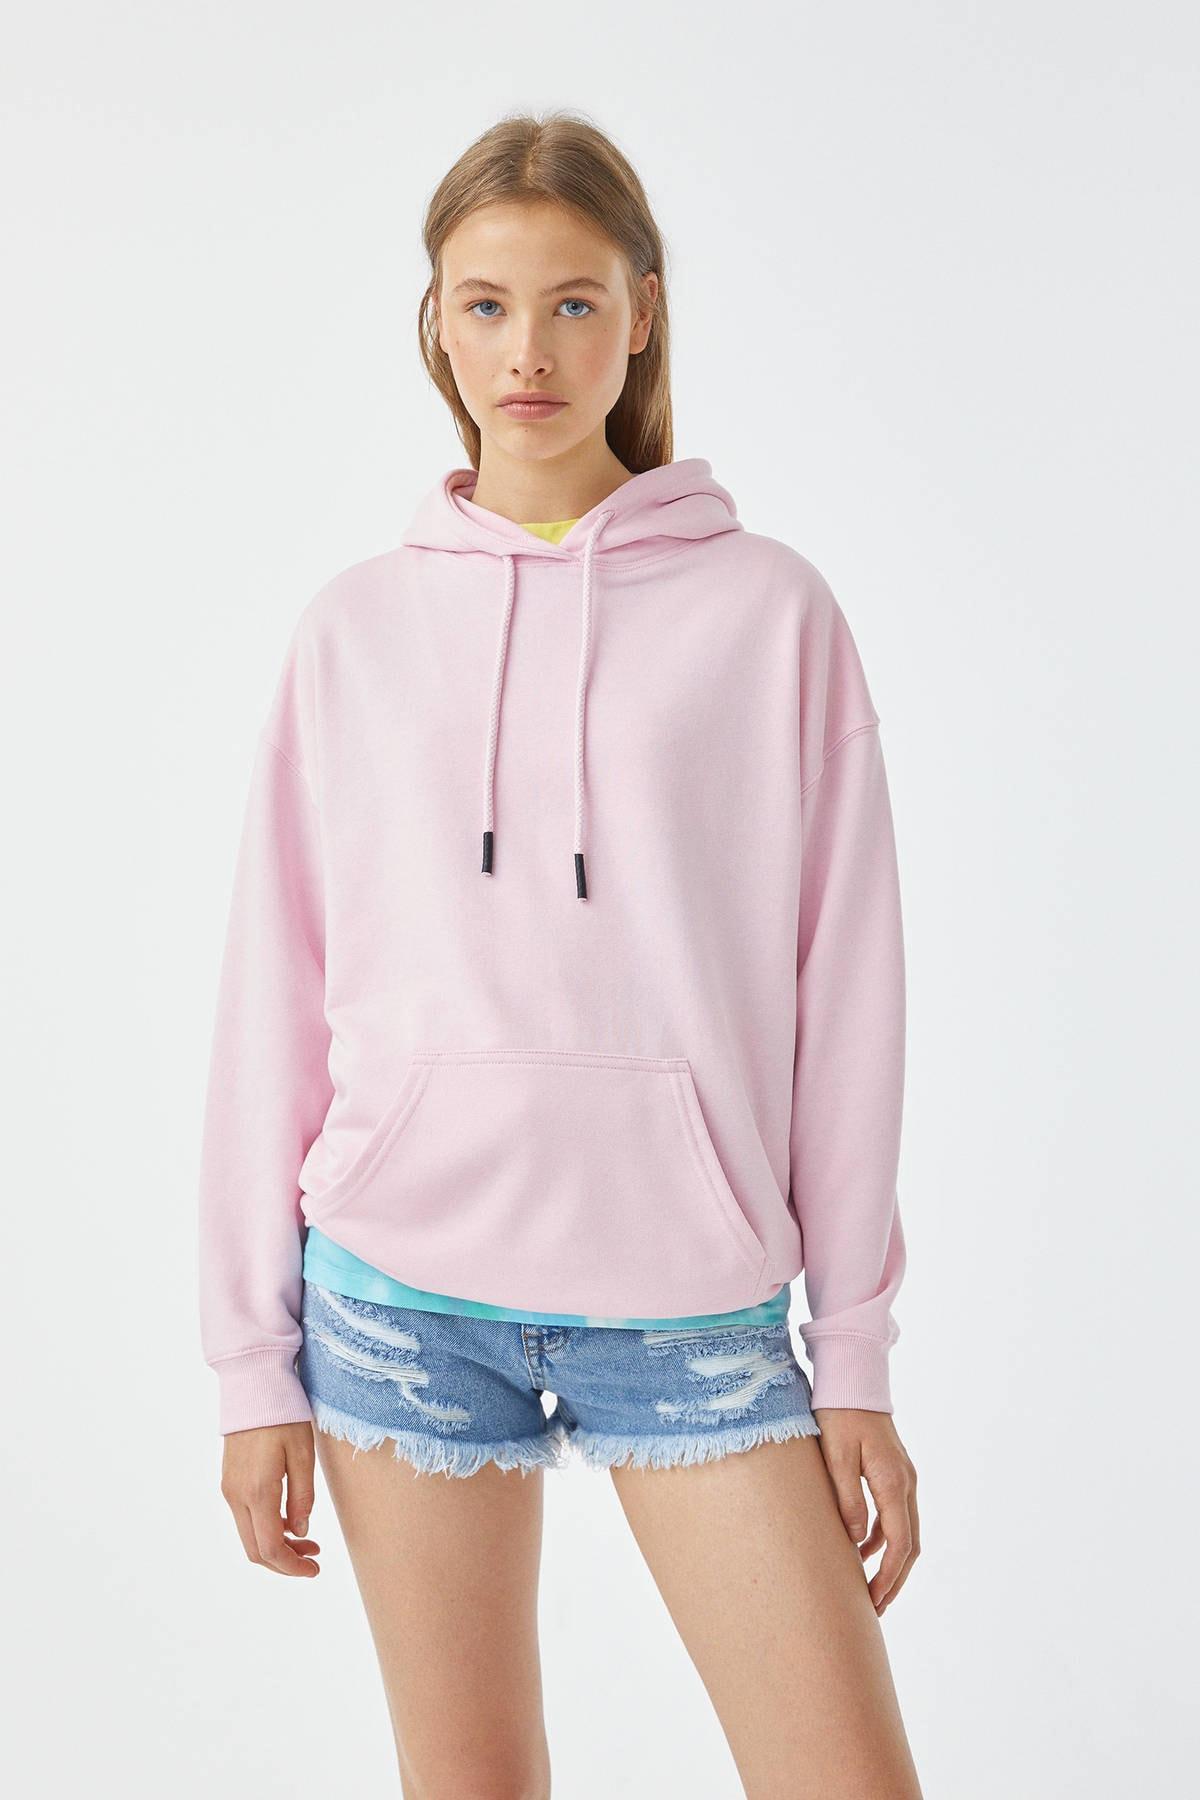 Pull & Bear Kadın Pembe Basic Oversize Kapüşonlu Sweatshirt 05596380 1